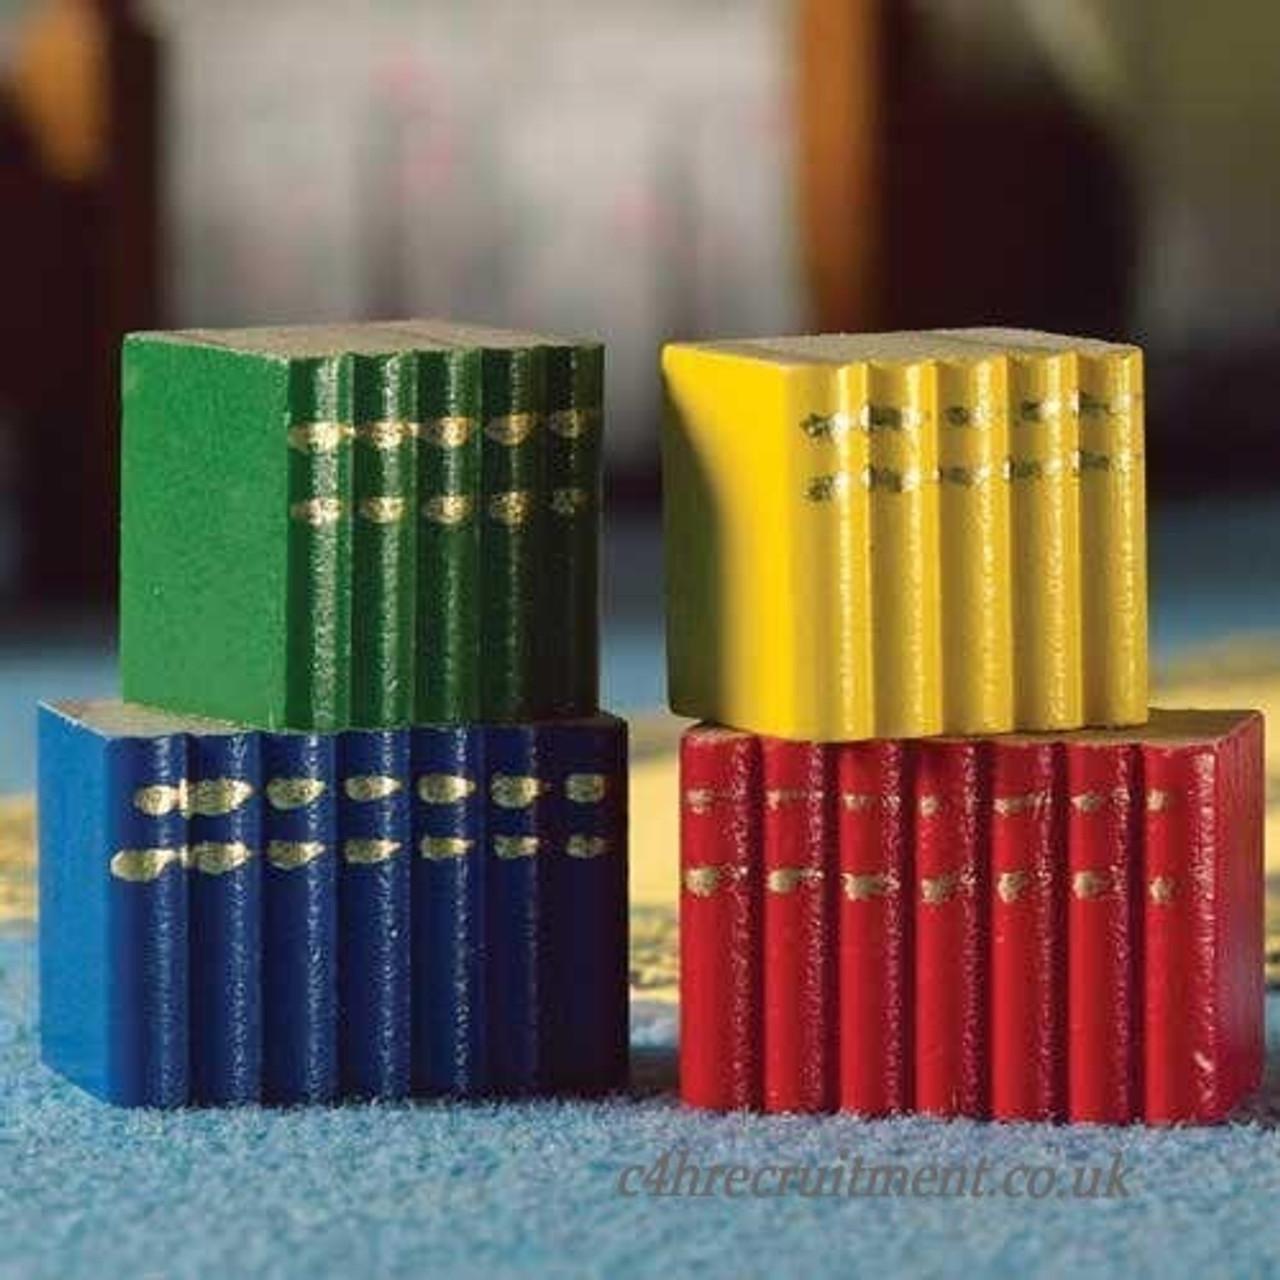 Block of Books 4 Pcs 4871